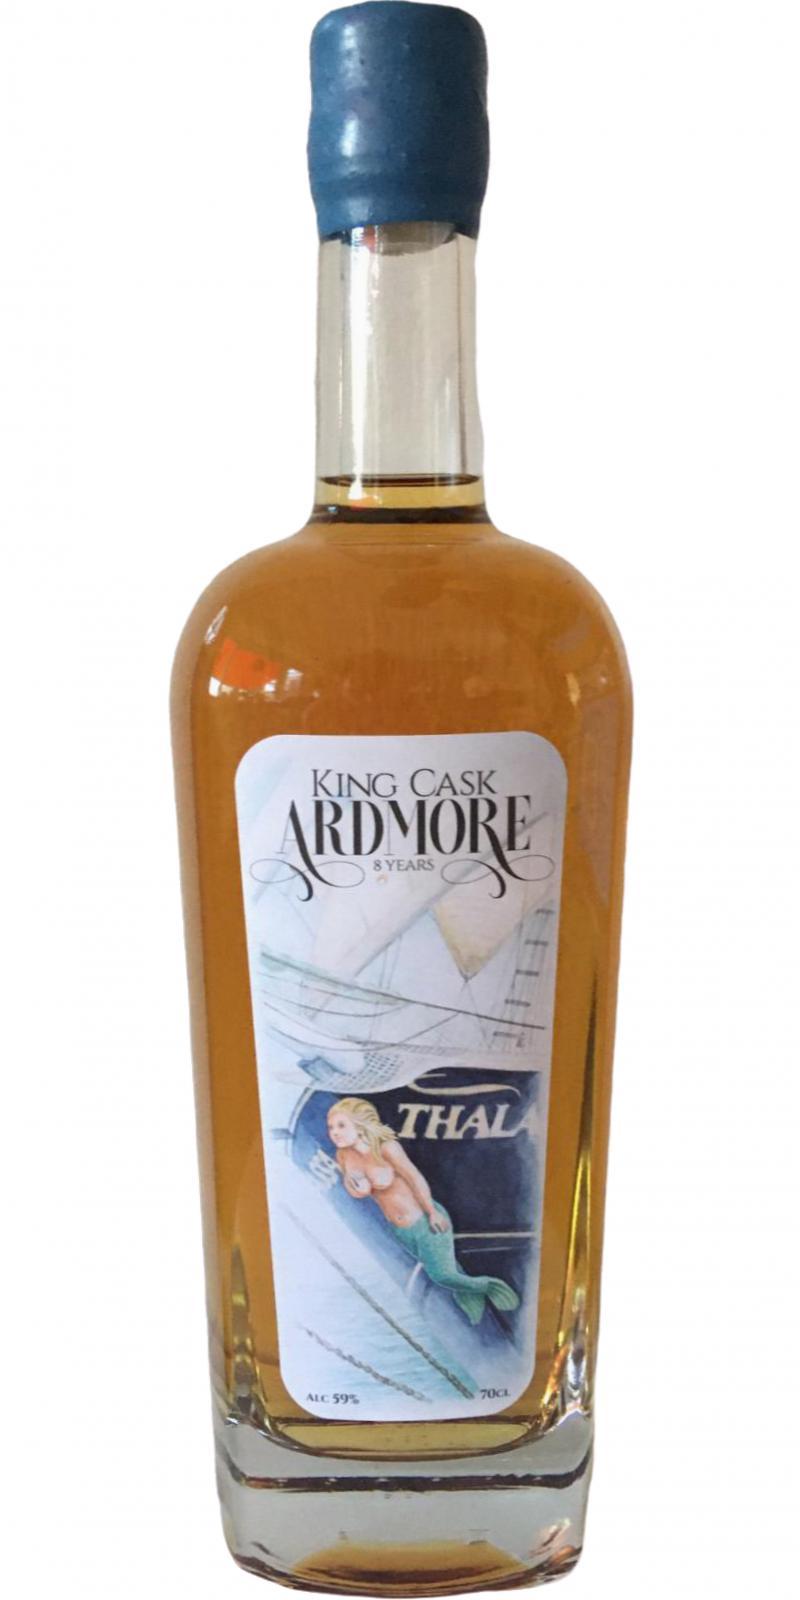 Ardmore 2011 KiCa